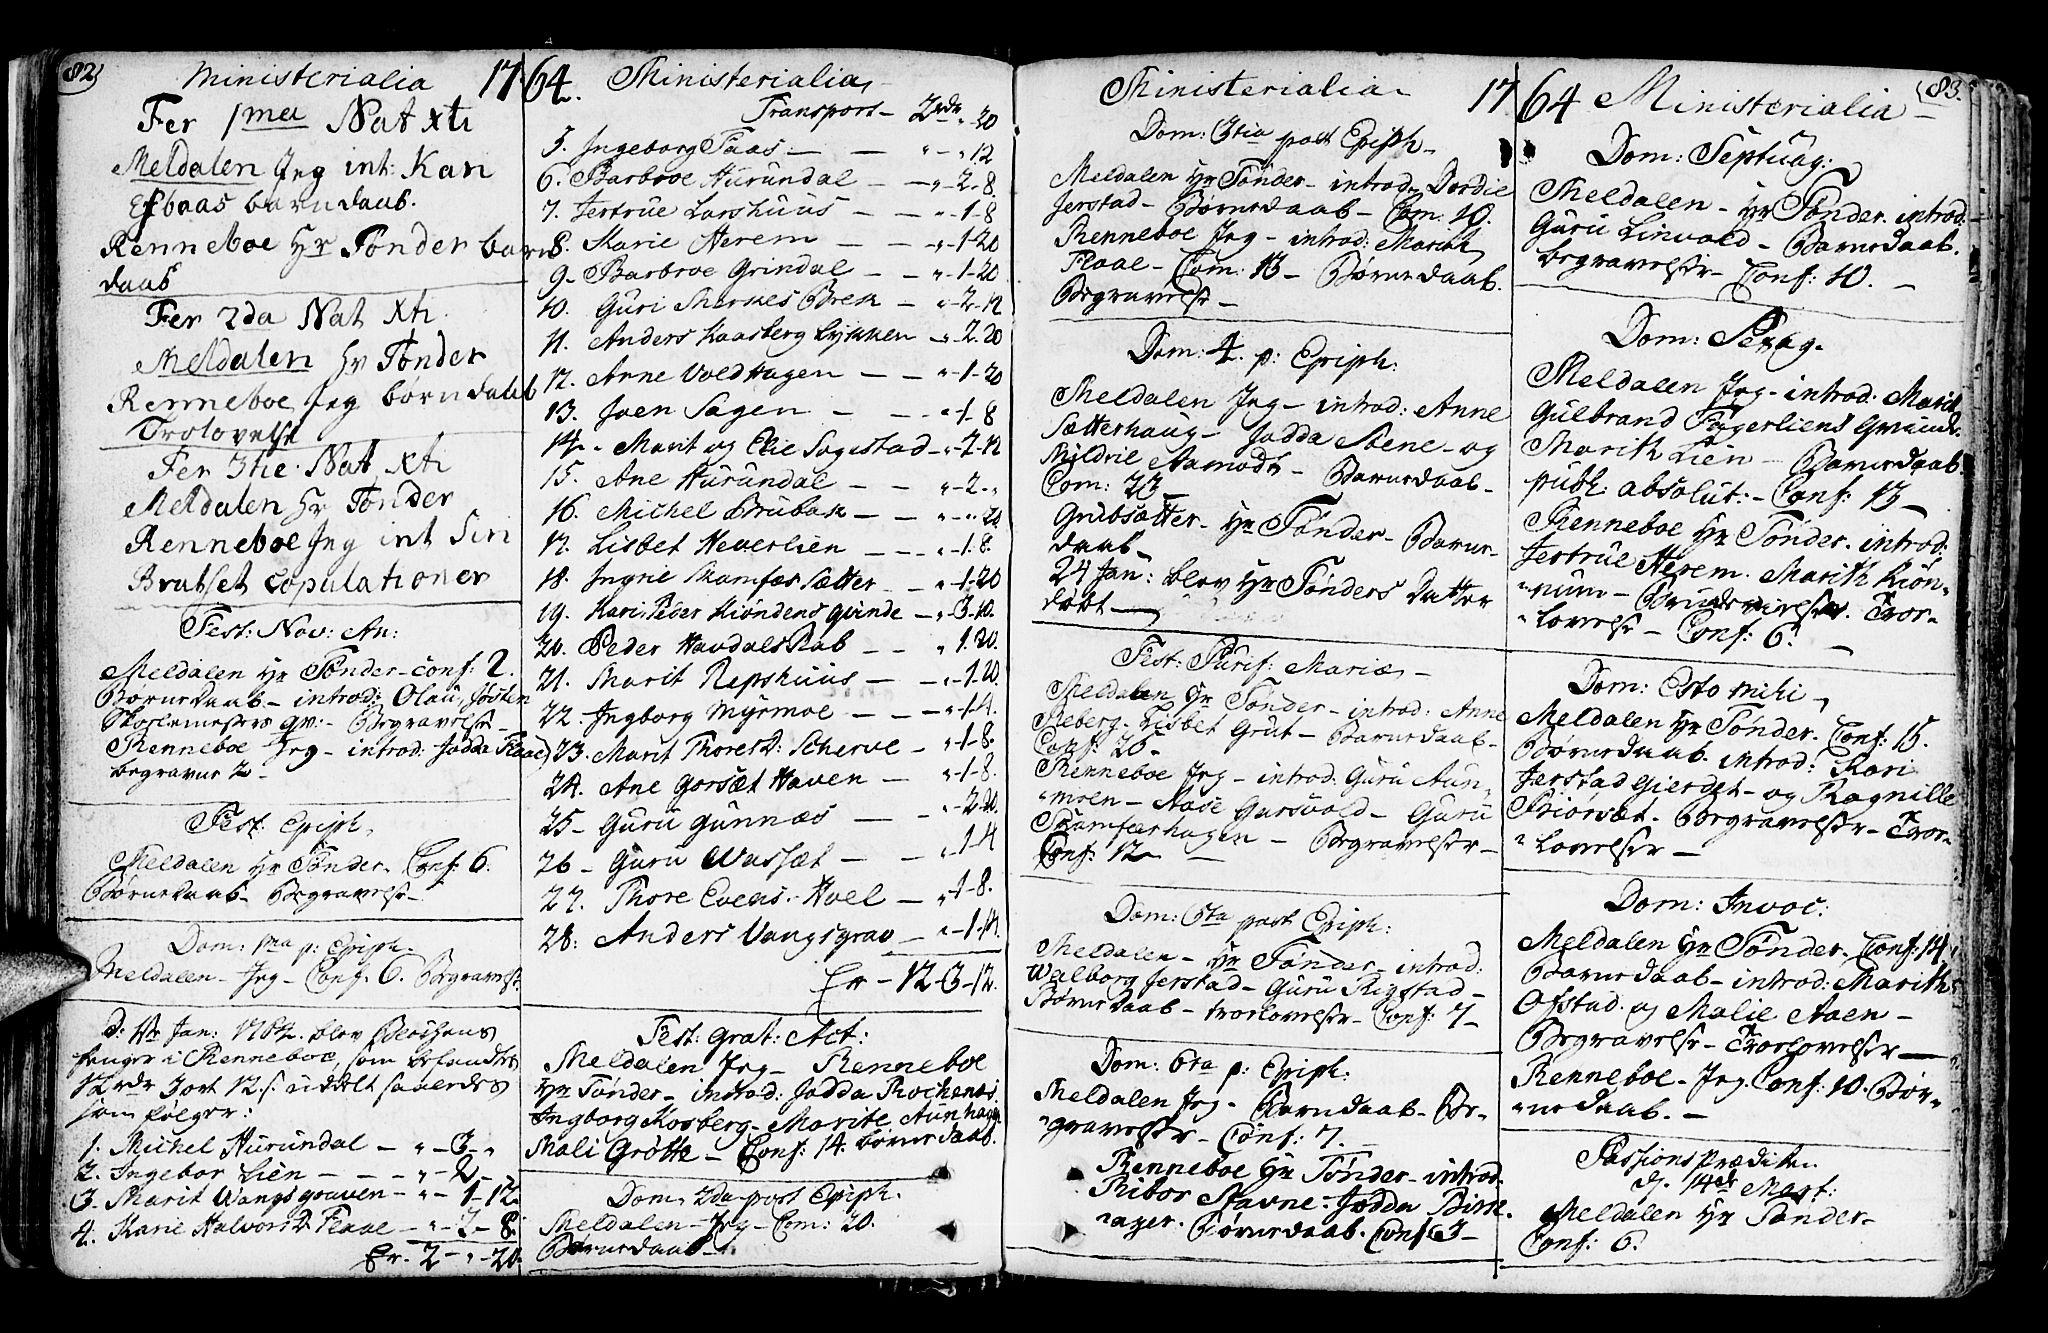 SAT, Ministerialprotokoller, klokkerbøker og fødselsregistre - Sør-Trøndelag, 672/L0851: Ministerialbok nr. 672A04, 1751-1775, s. 82-83